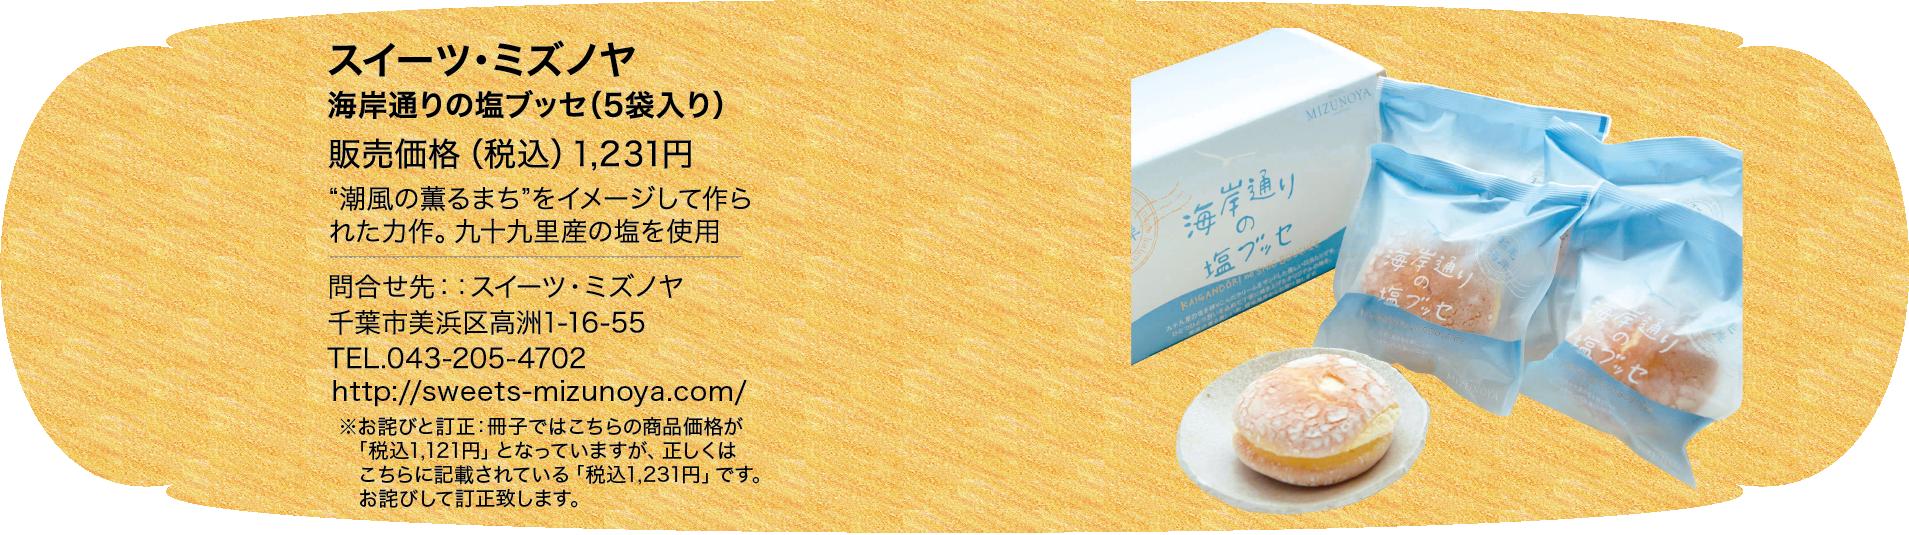 お土産情報05